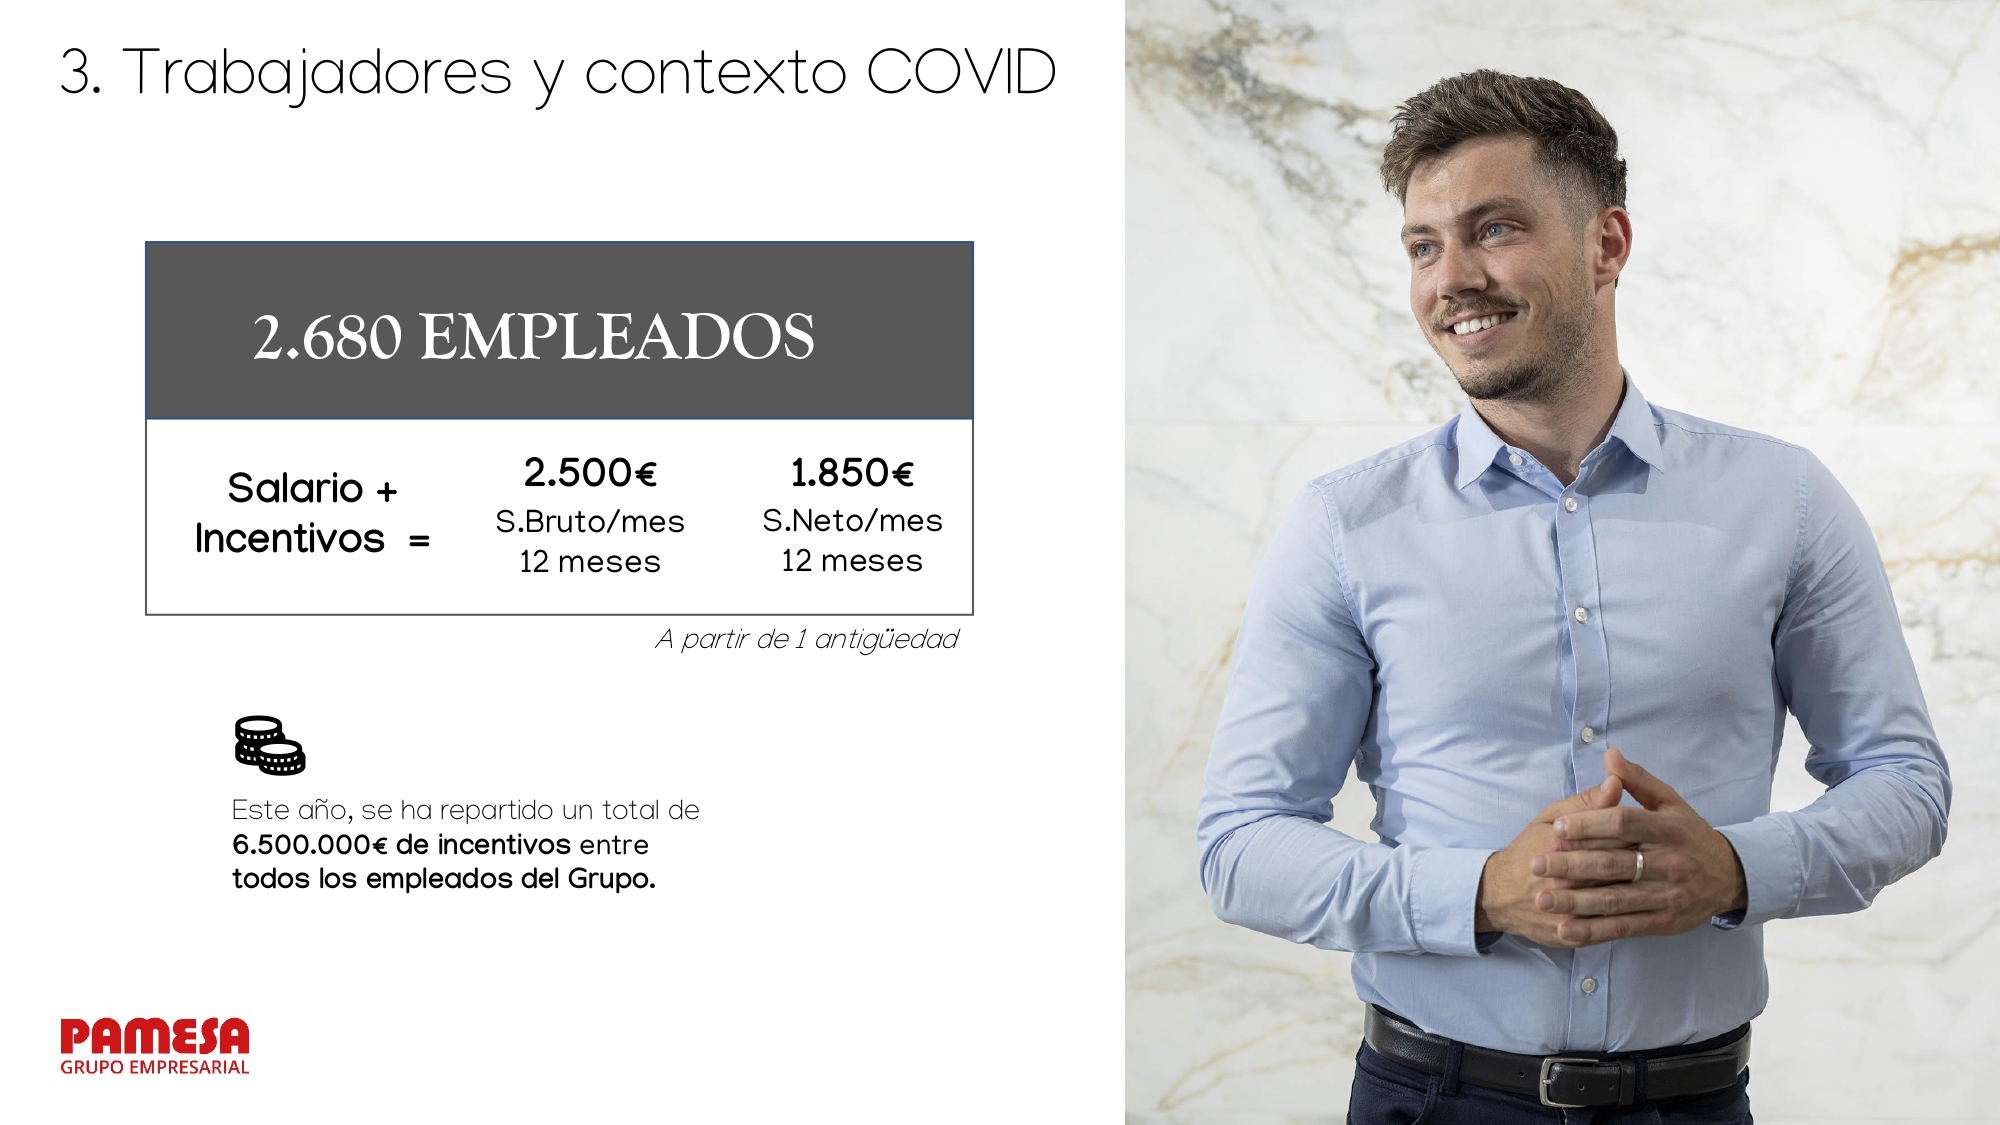 RESULTADOS_ pamesa_grupo_empresarial_page-0023